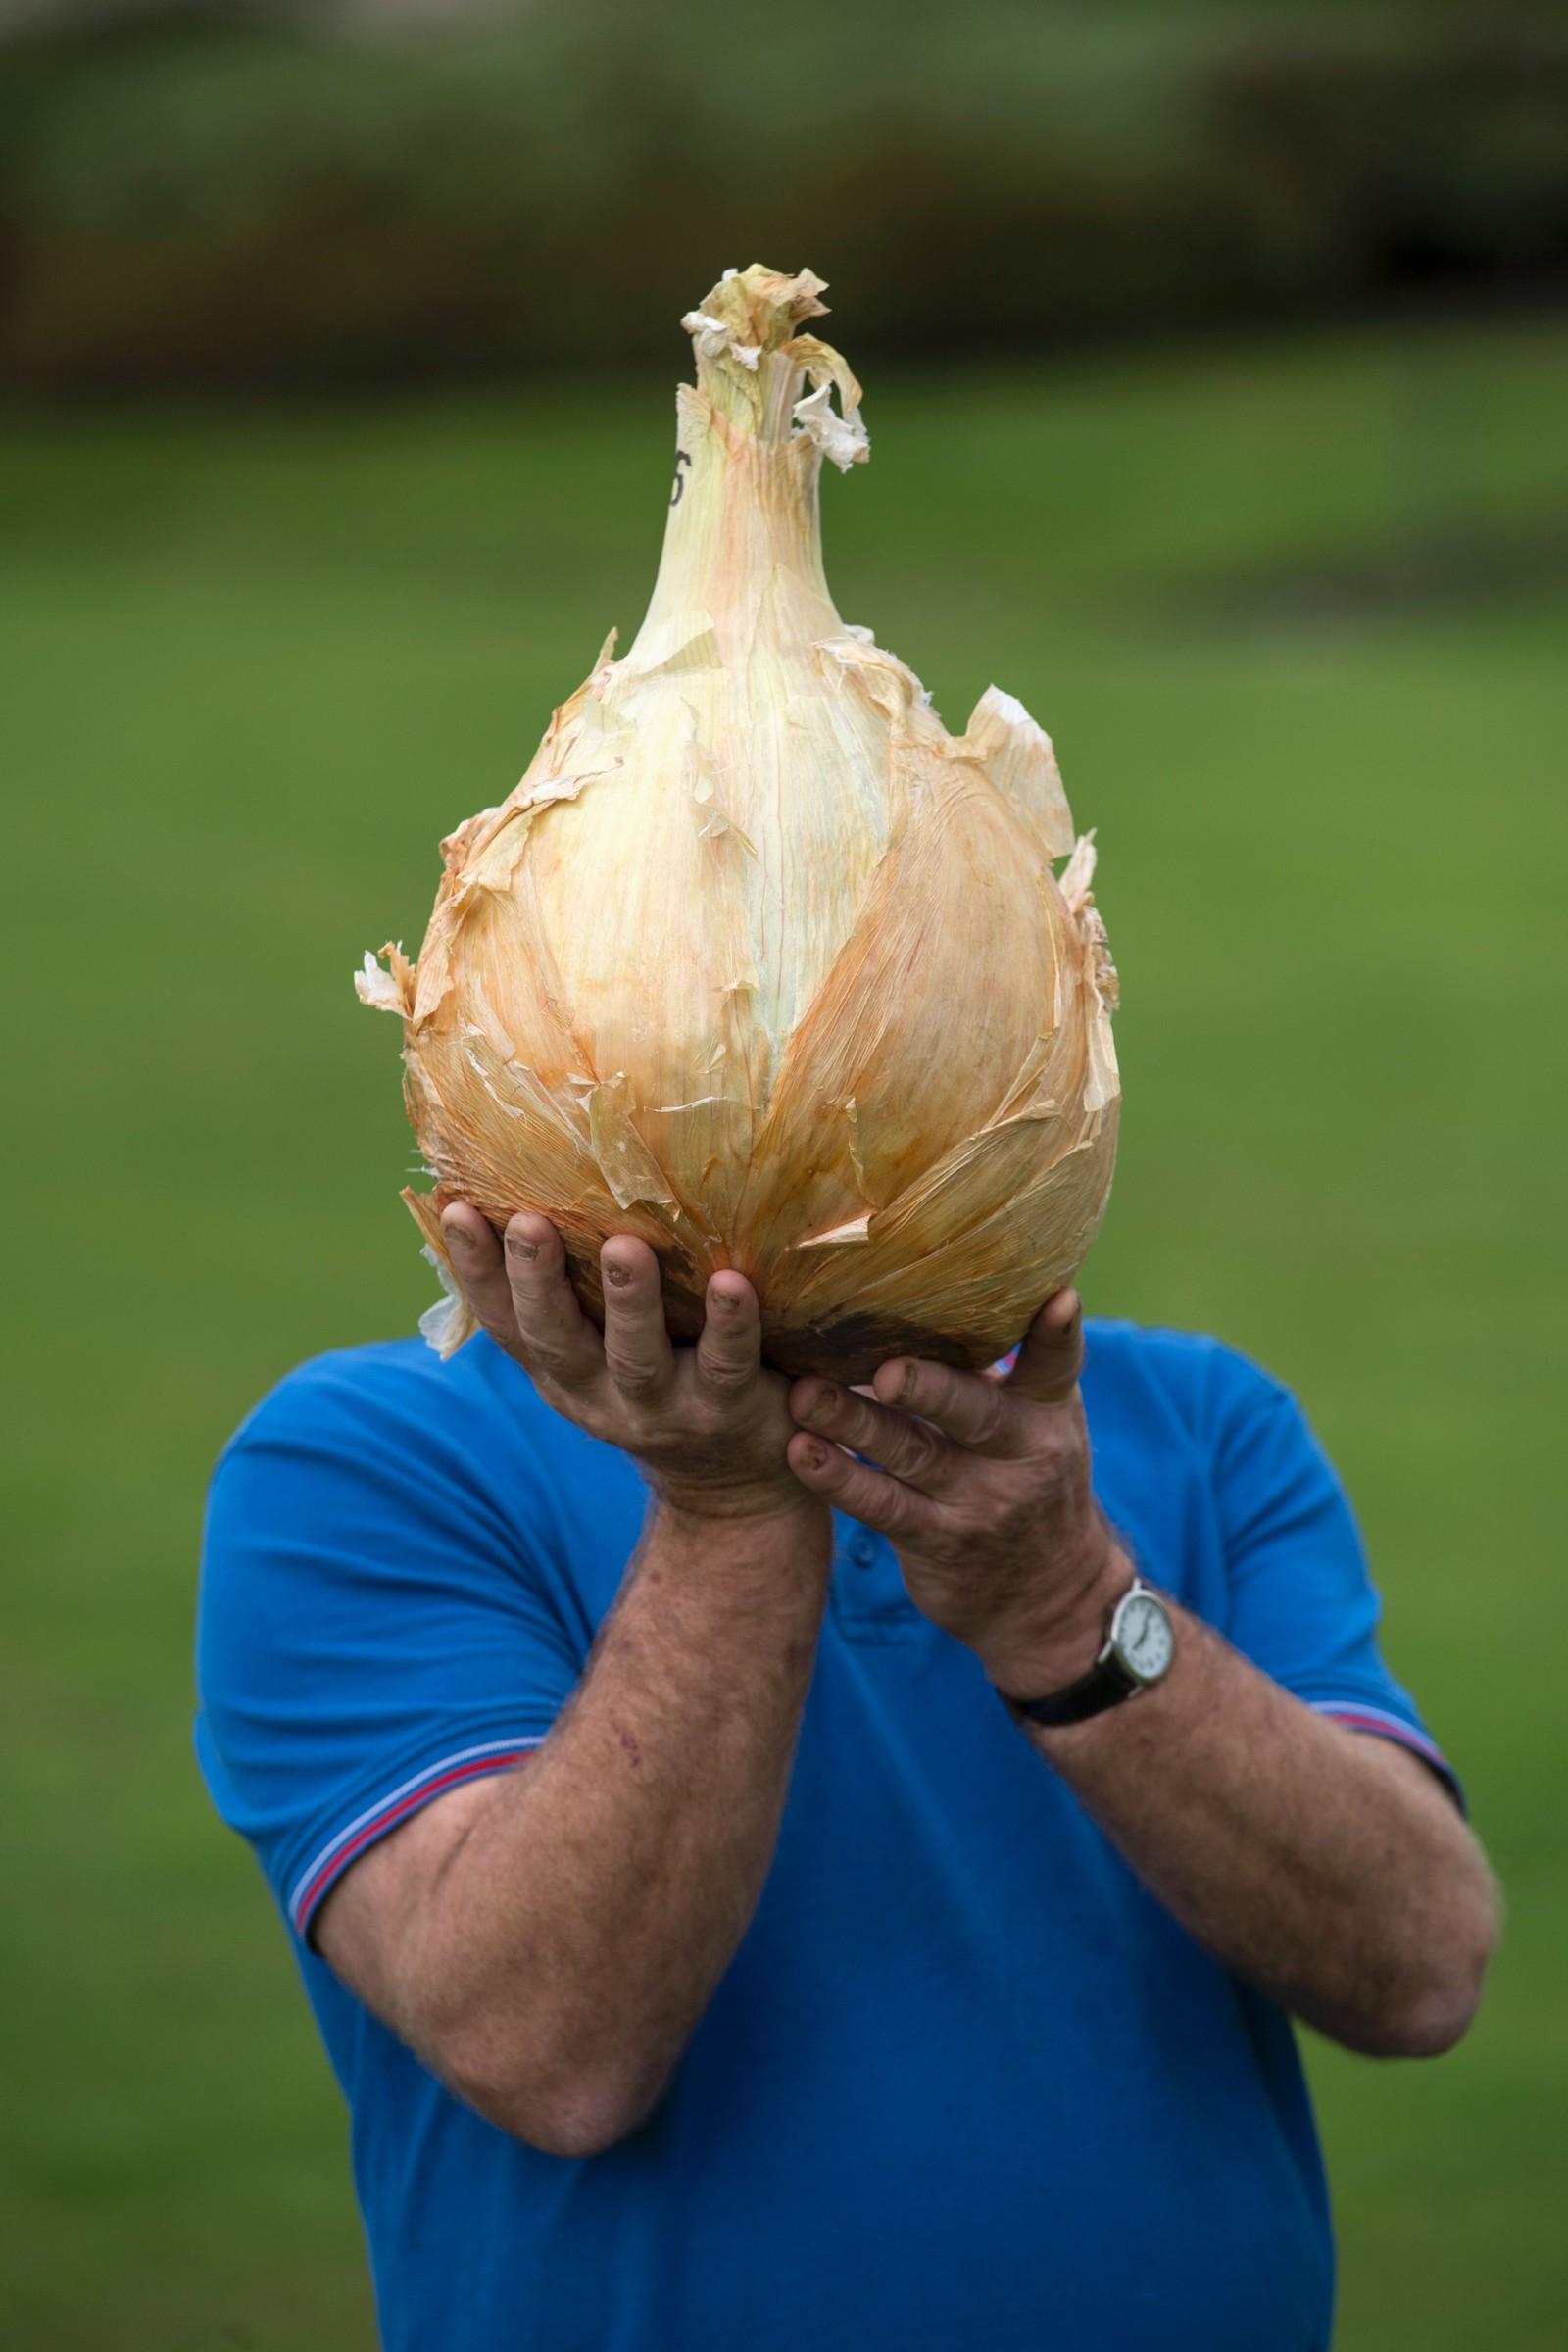 Joe Atherton med løken som vant konkurransen for verdens tyngste løk under Harrogate Autumn Flower Show i Harrogate i England 16.-18. september. Løken veier 7,01 kilo.